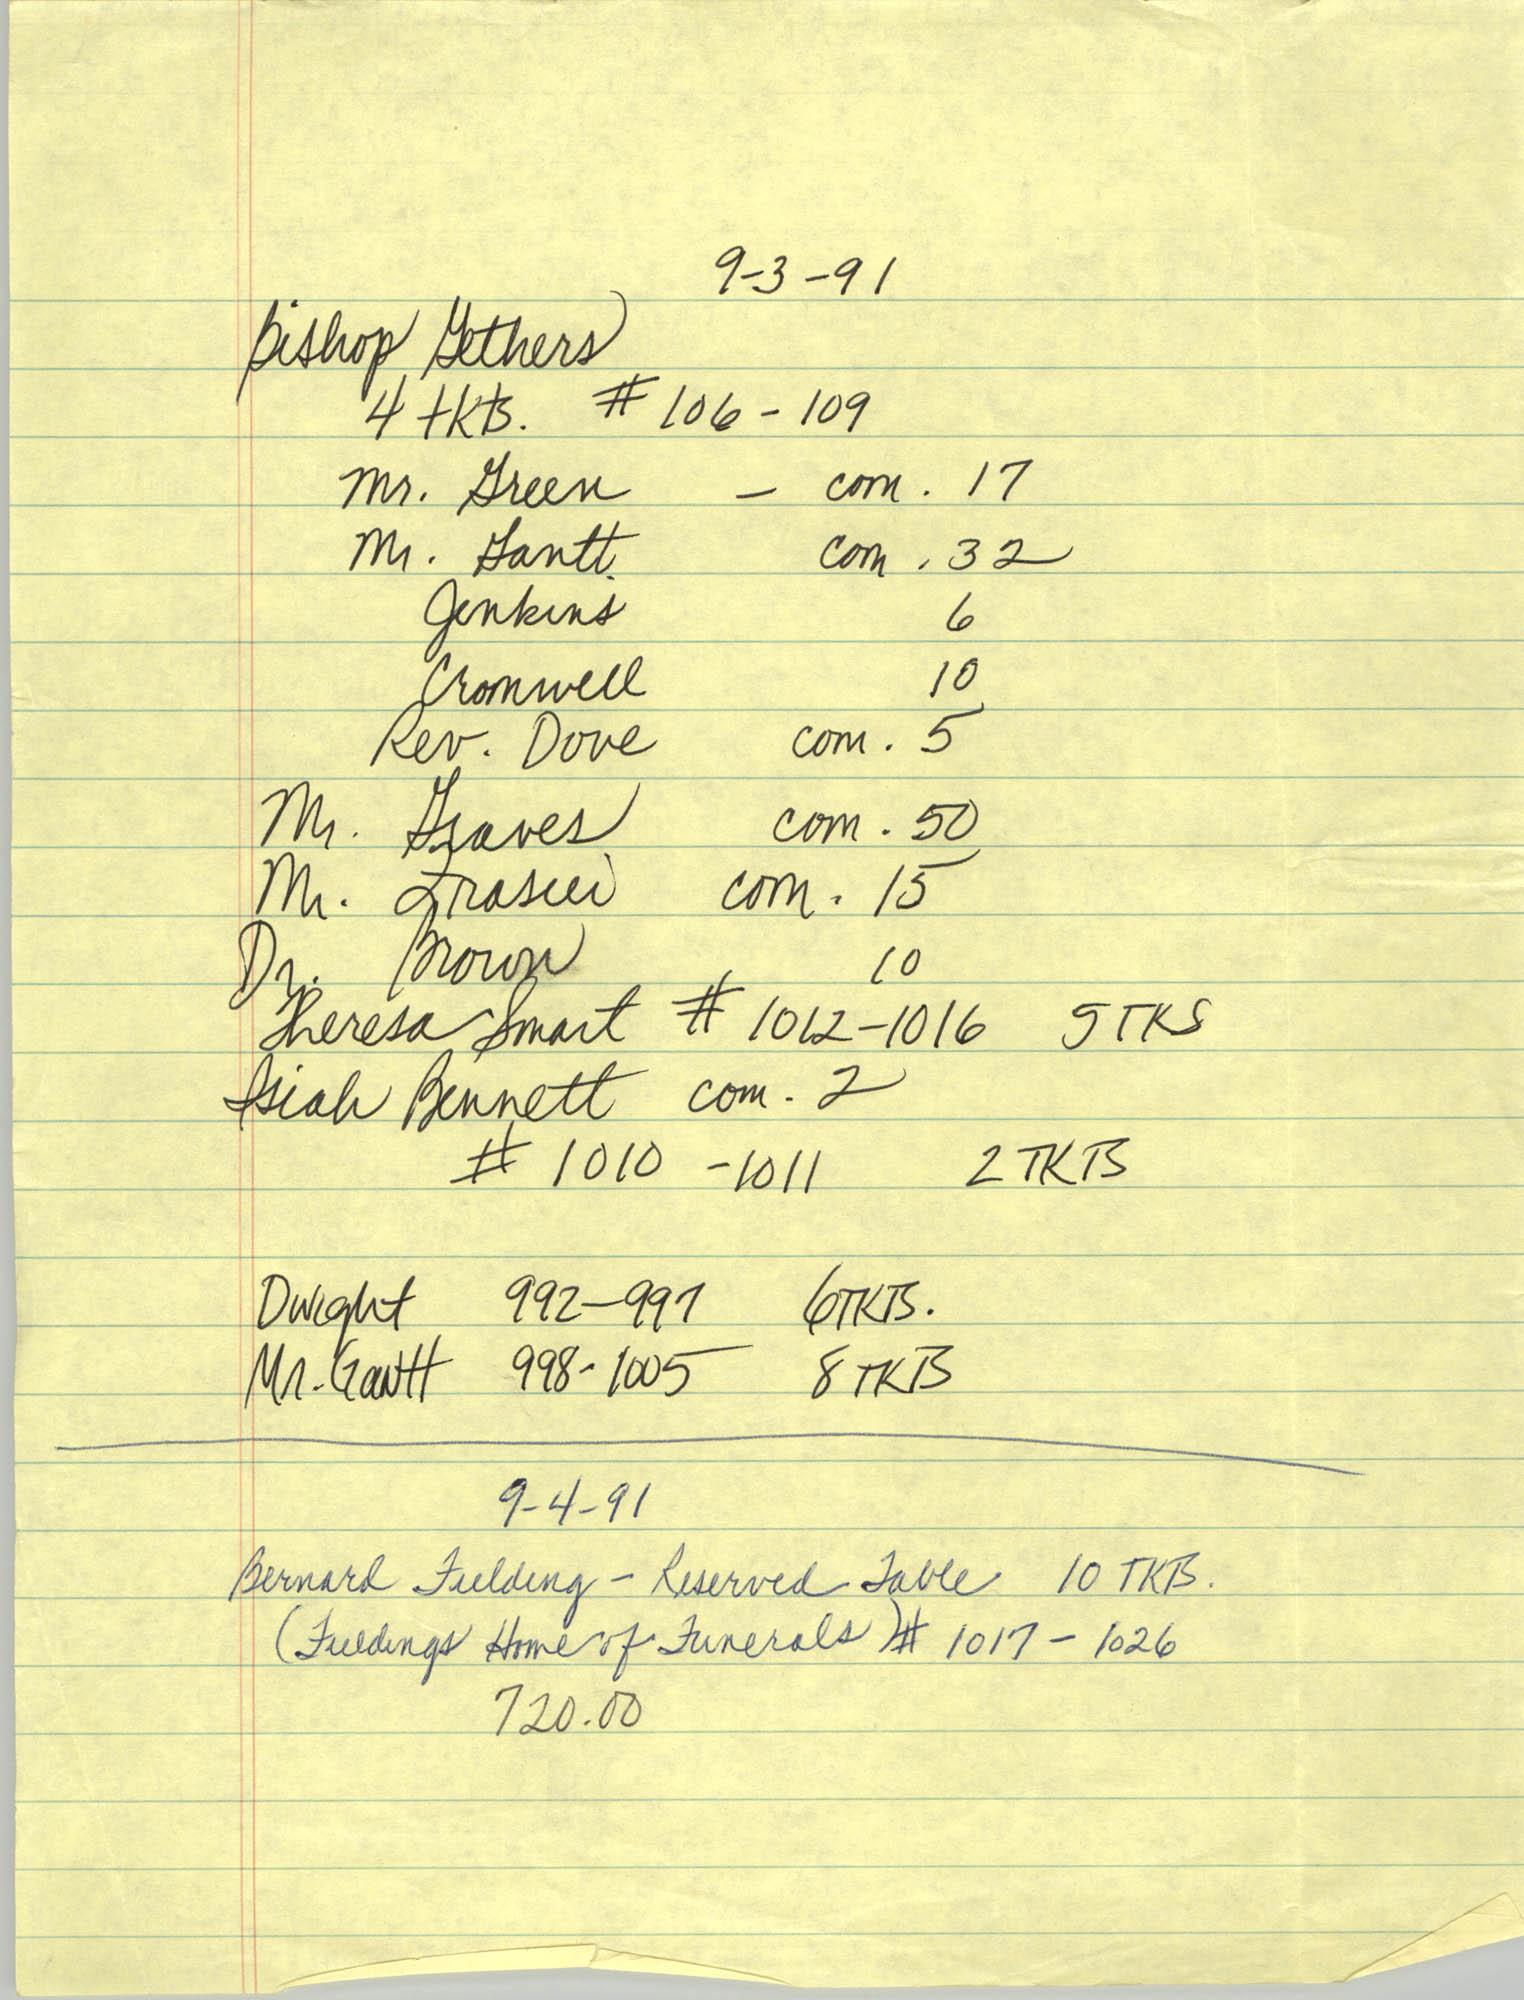 Handwritten Notes, Tickets, September 1991